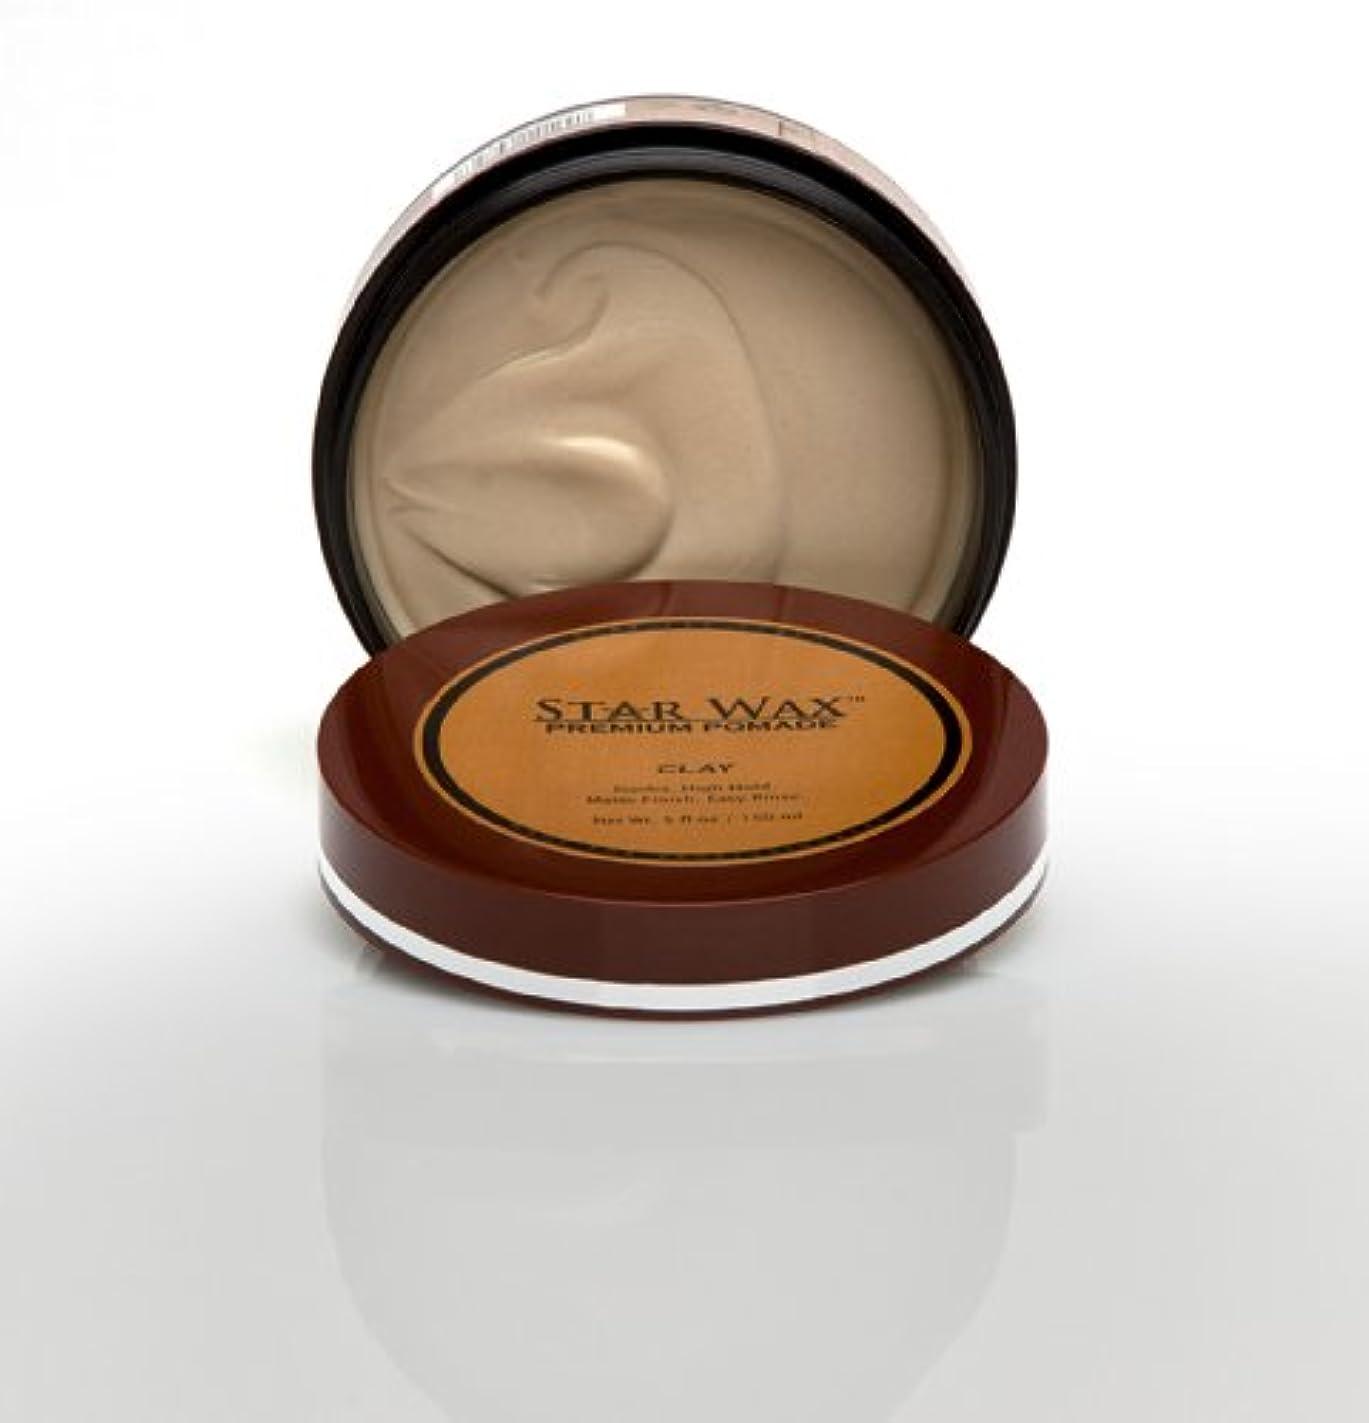 シニスバット虐待Star Wax | Premium Pomade, Clay(スターワックスプレミアム ポマード「クレイ」)?Star Pro Line(スタープロライン)製?5(液量)オンス/150ml